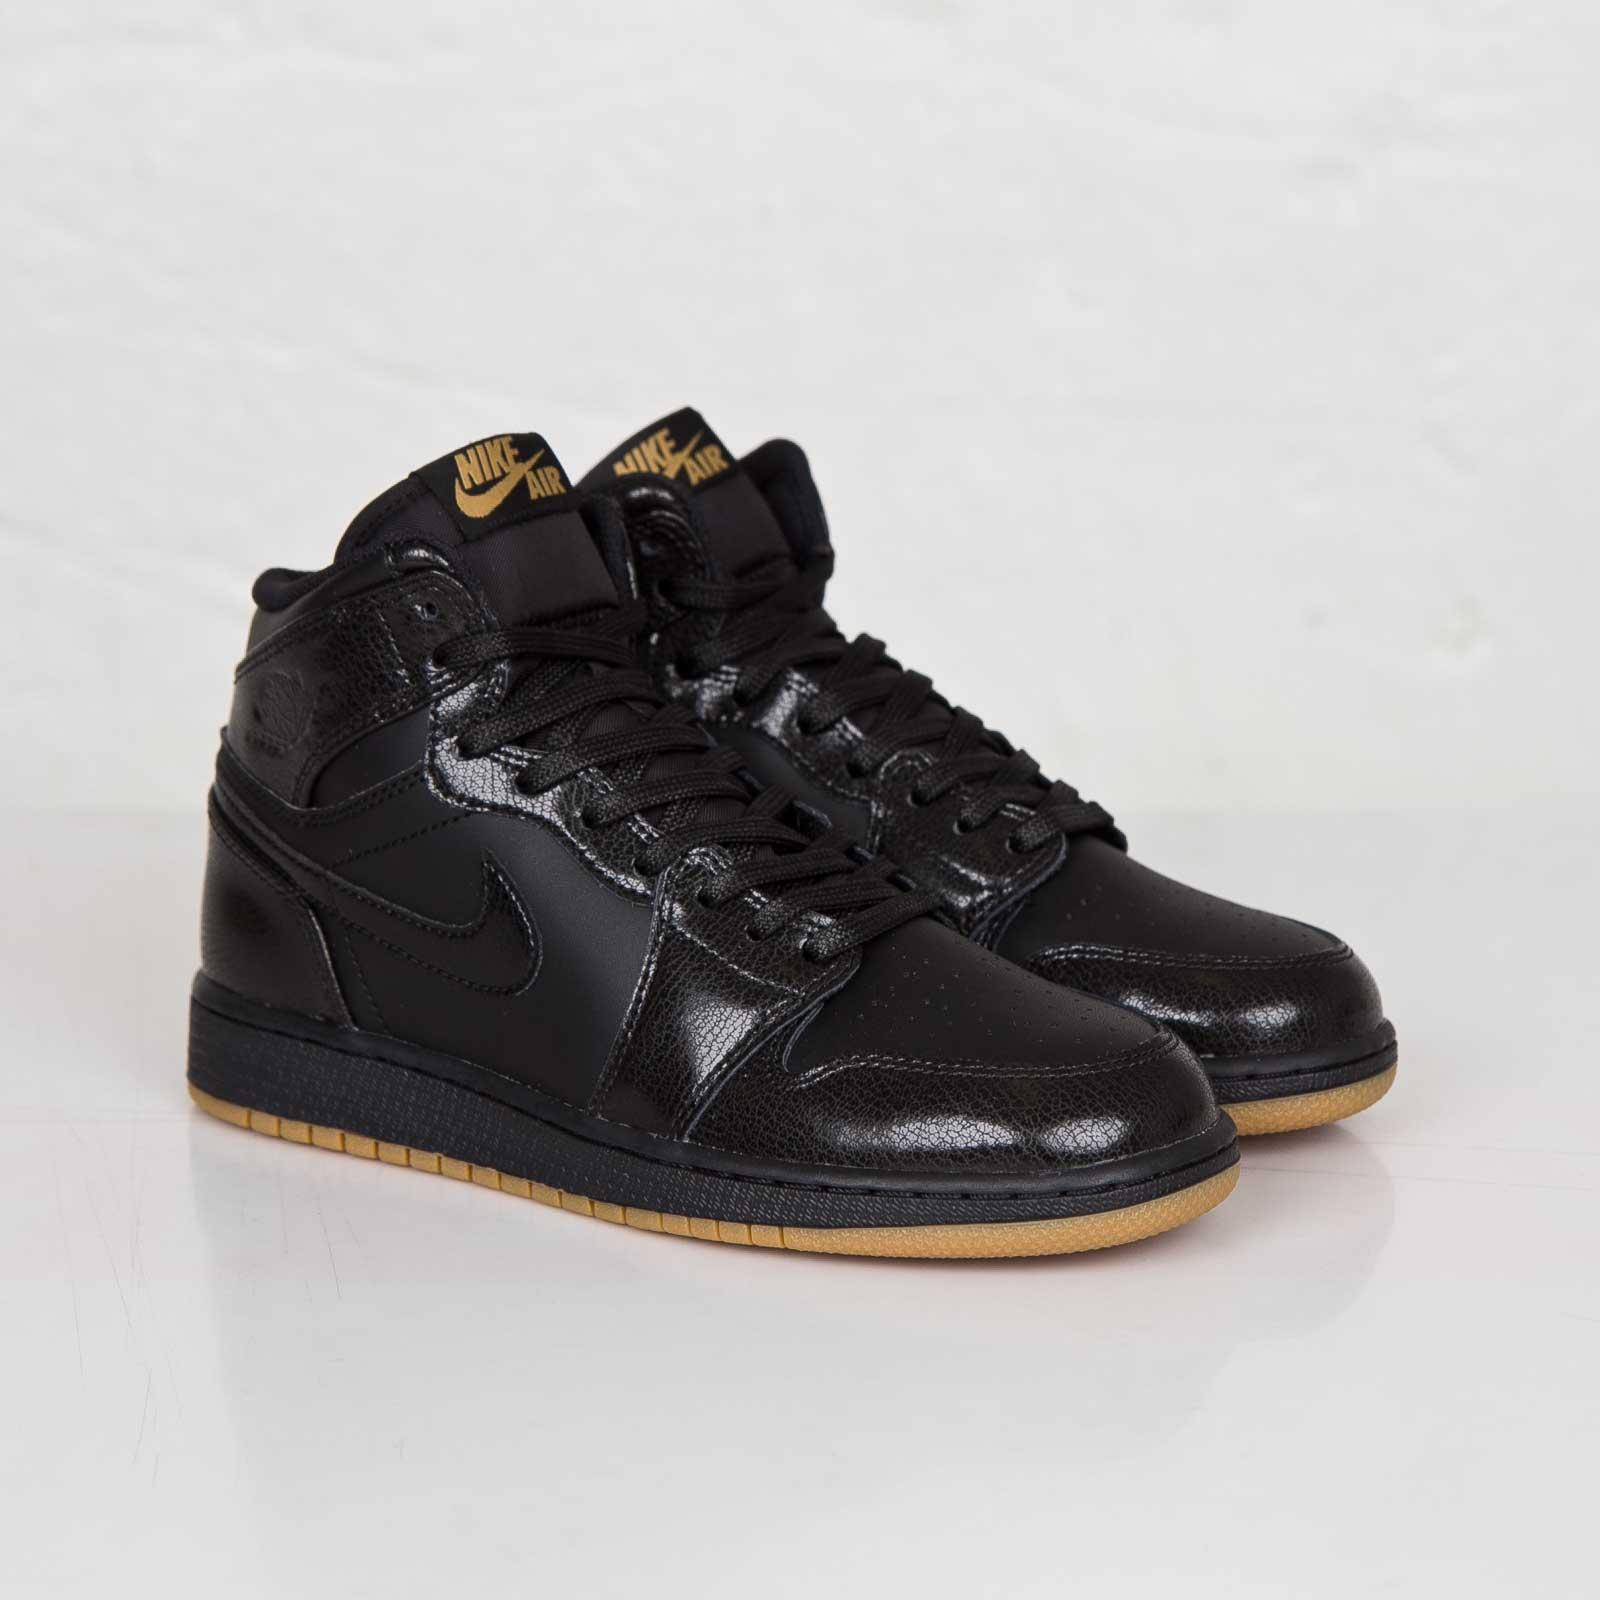 3b365af913fc9d Jordan Brand Air Jordan 1 Retro High OG (GS) - 575441-020 ...